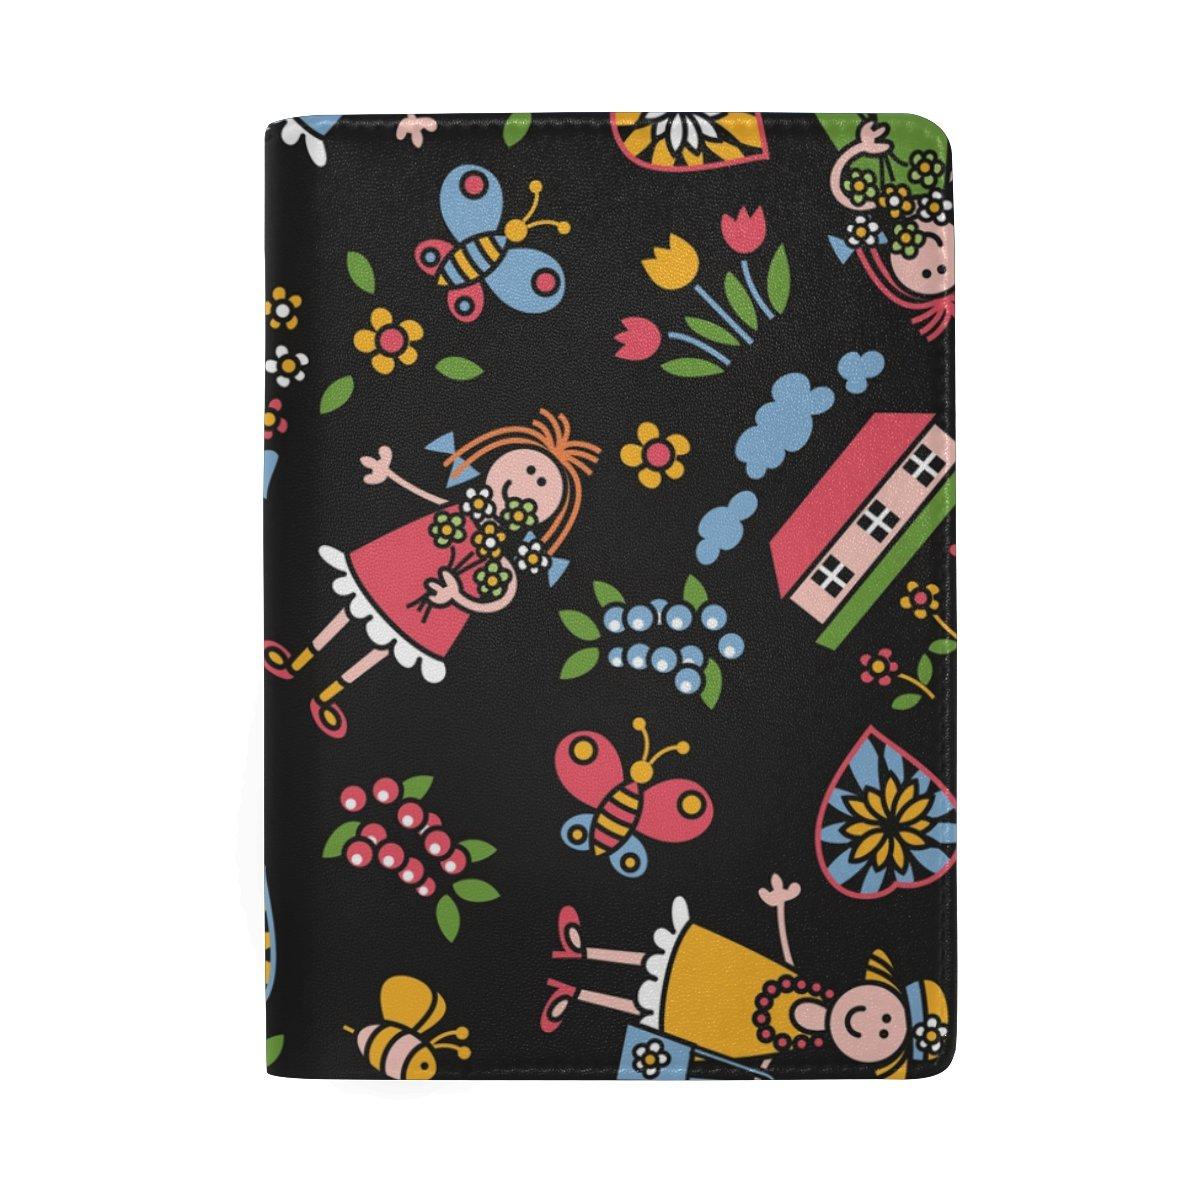 Flower Girl Real Leather Passport Holder Wallet Case Cover for Men Women